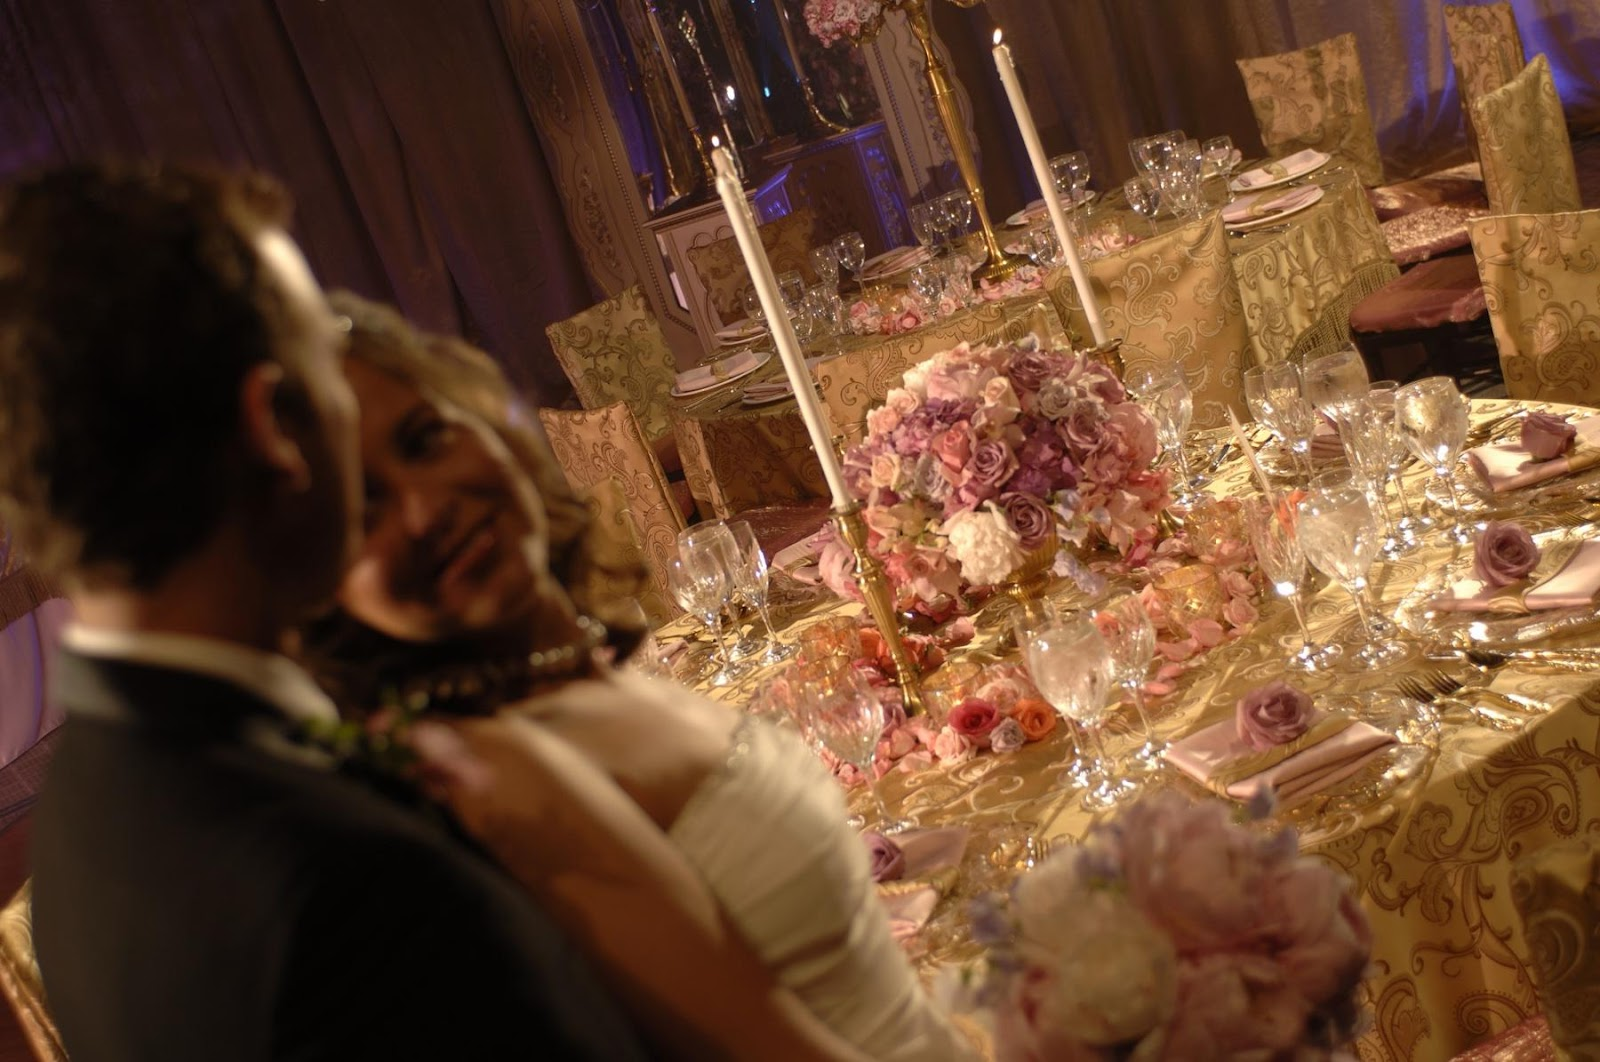 wedding reception ideas on a